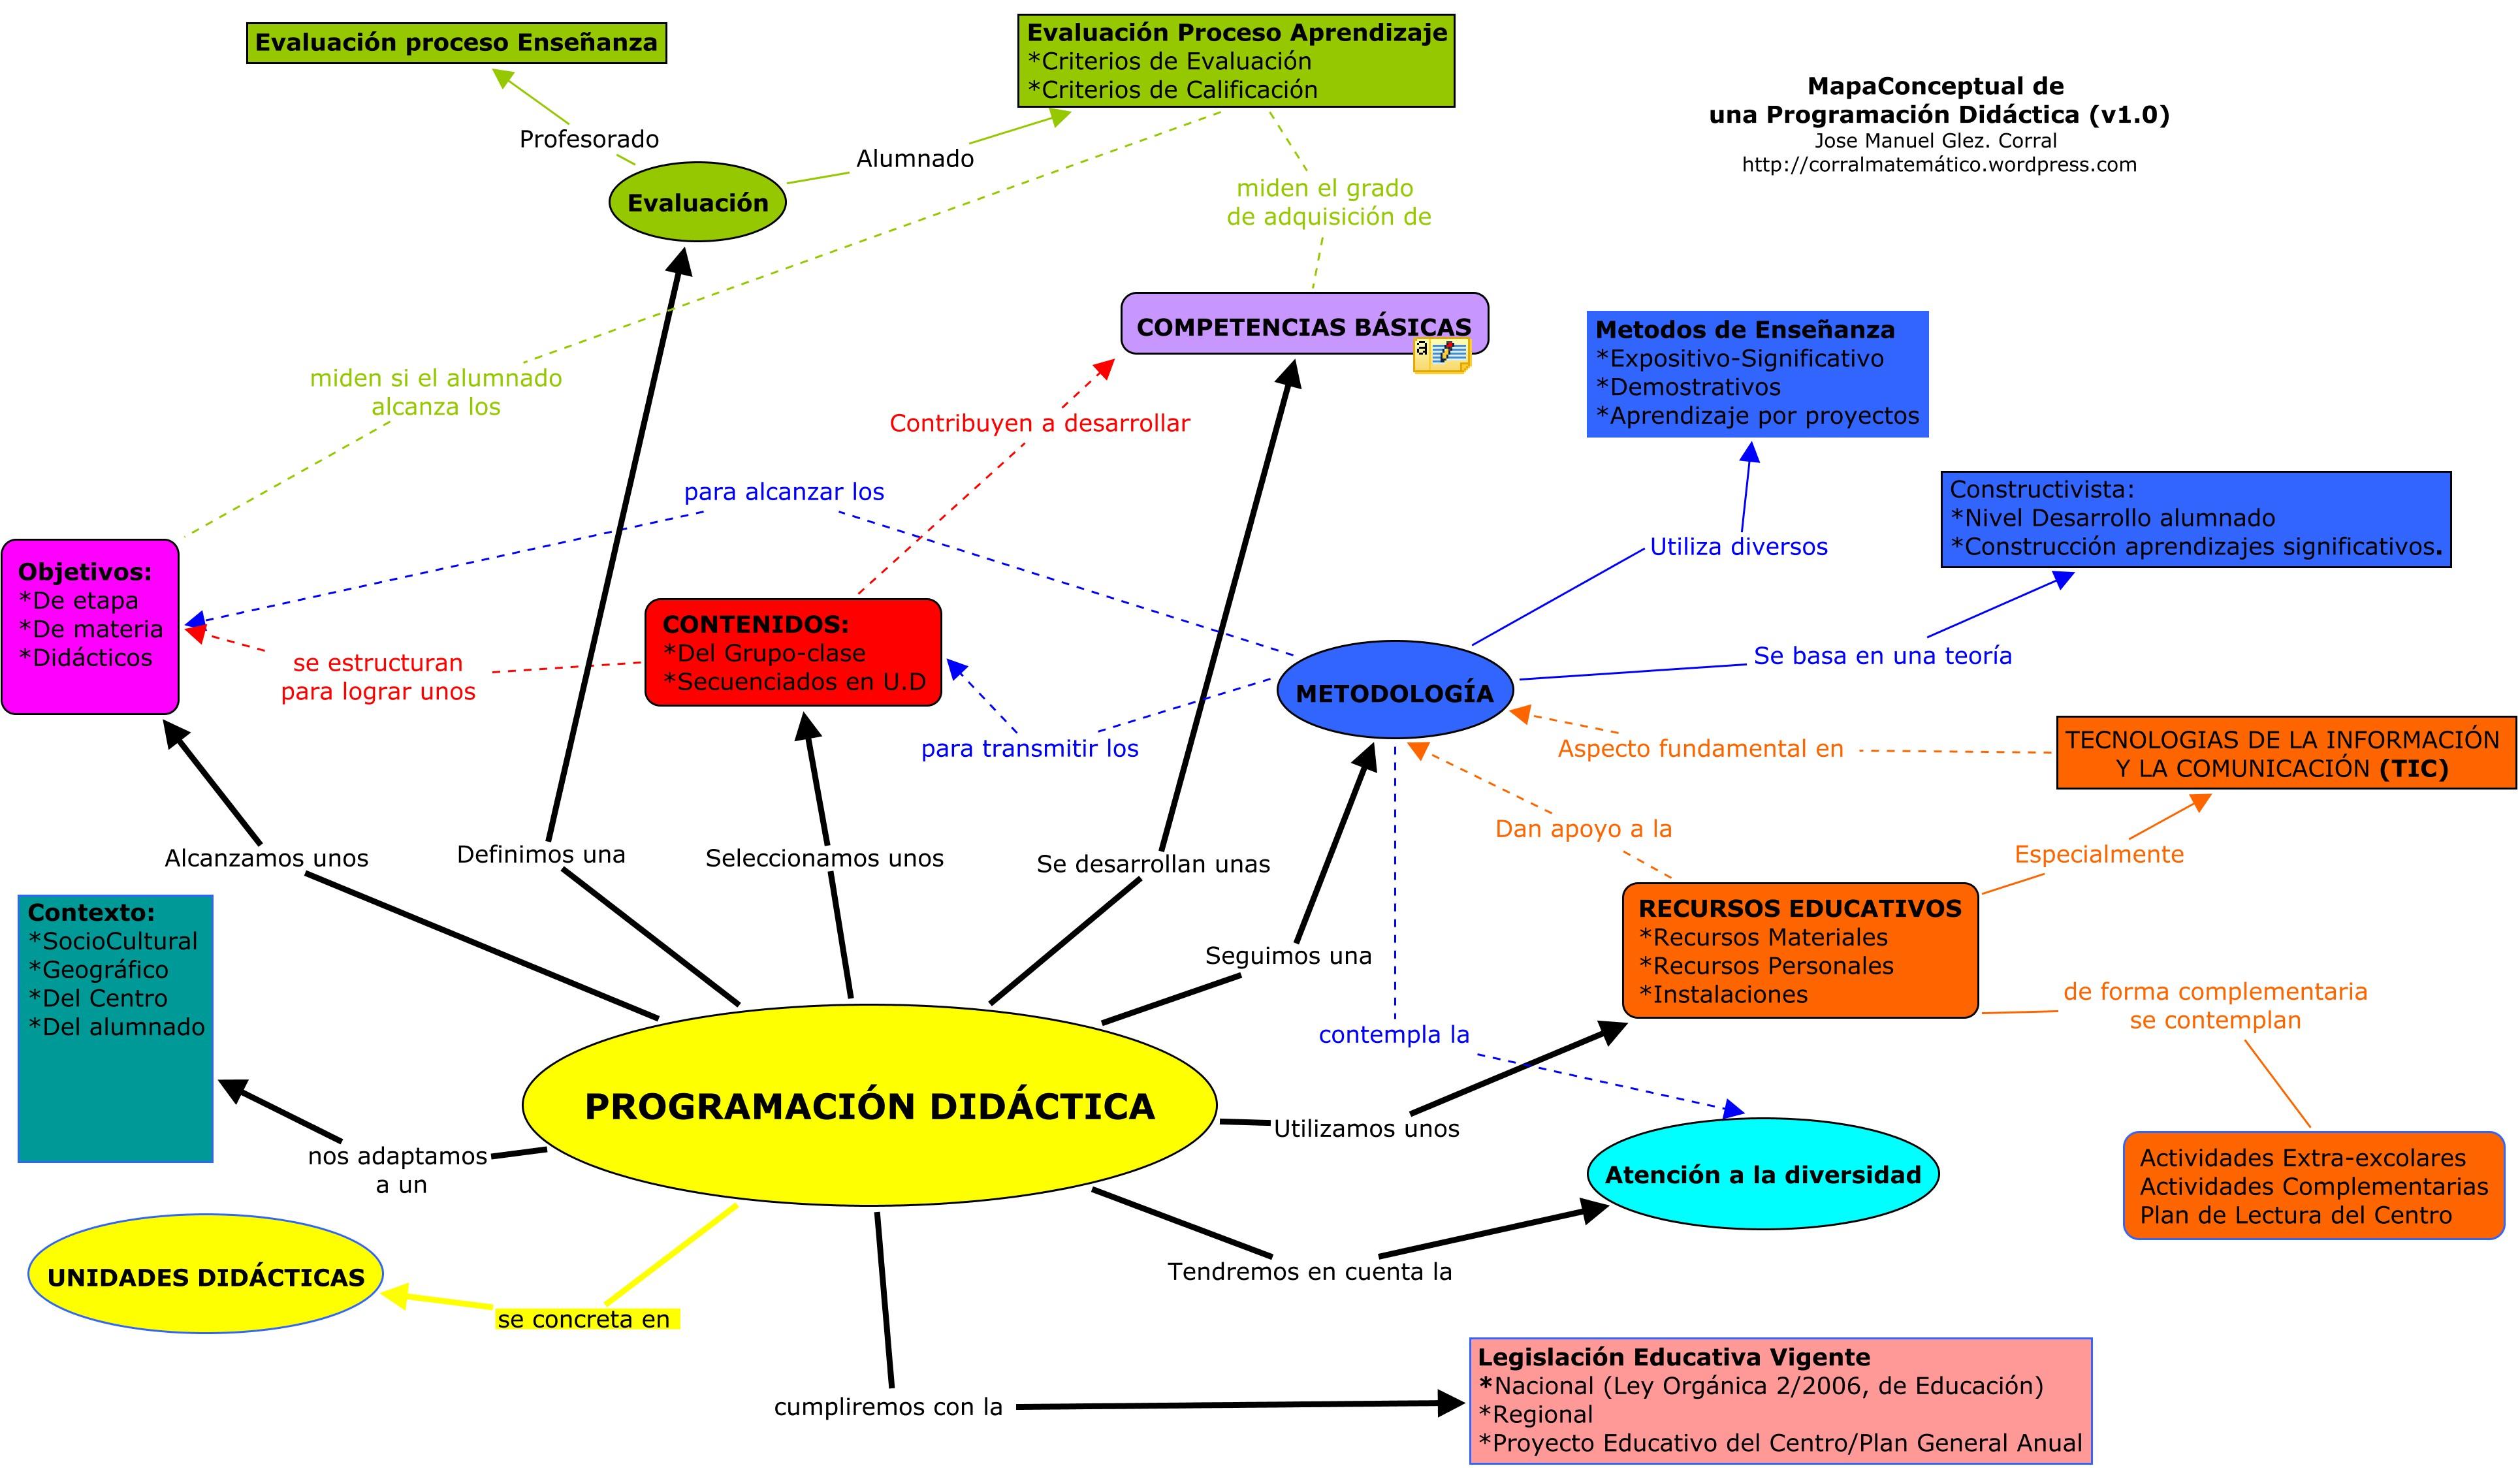 programacion-didactica-que-es-una-programacion-didacitca